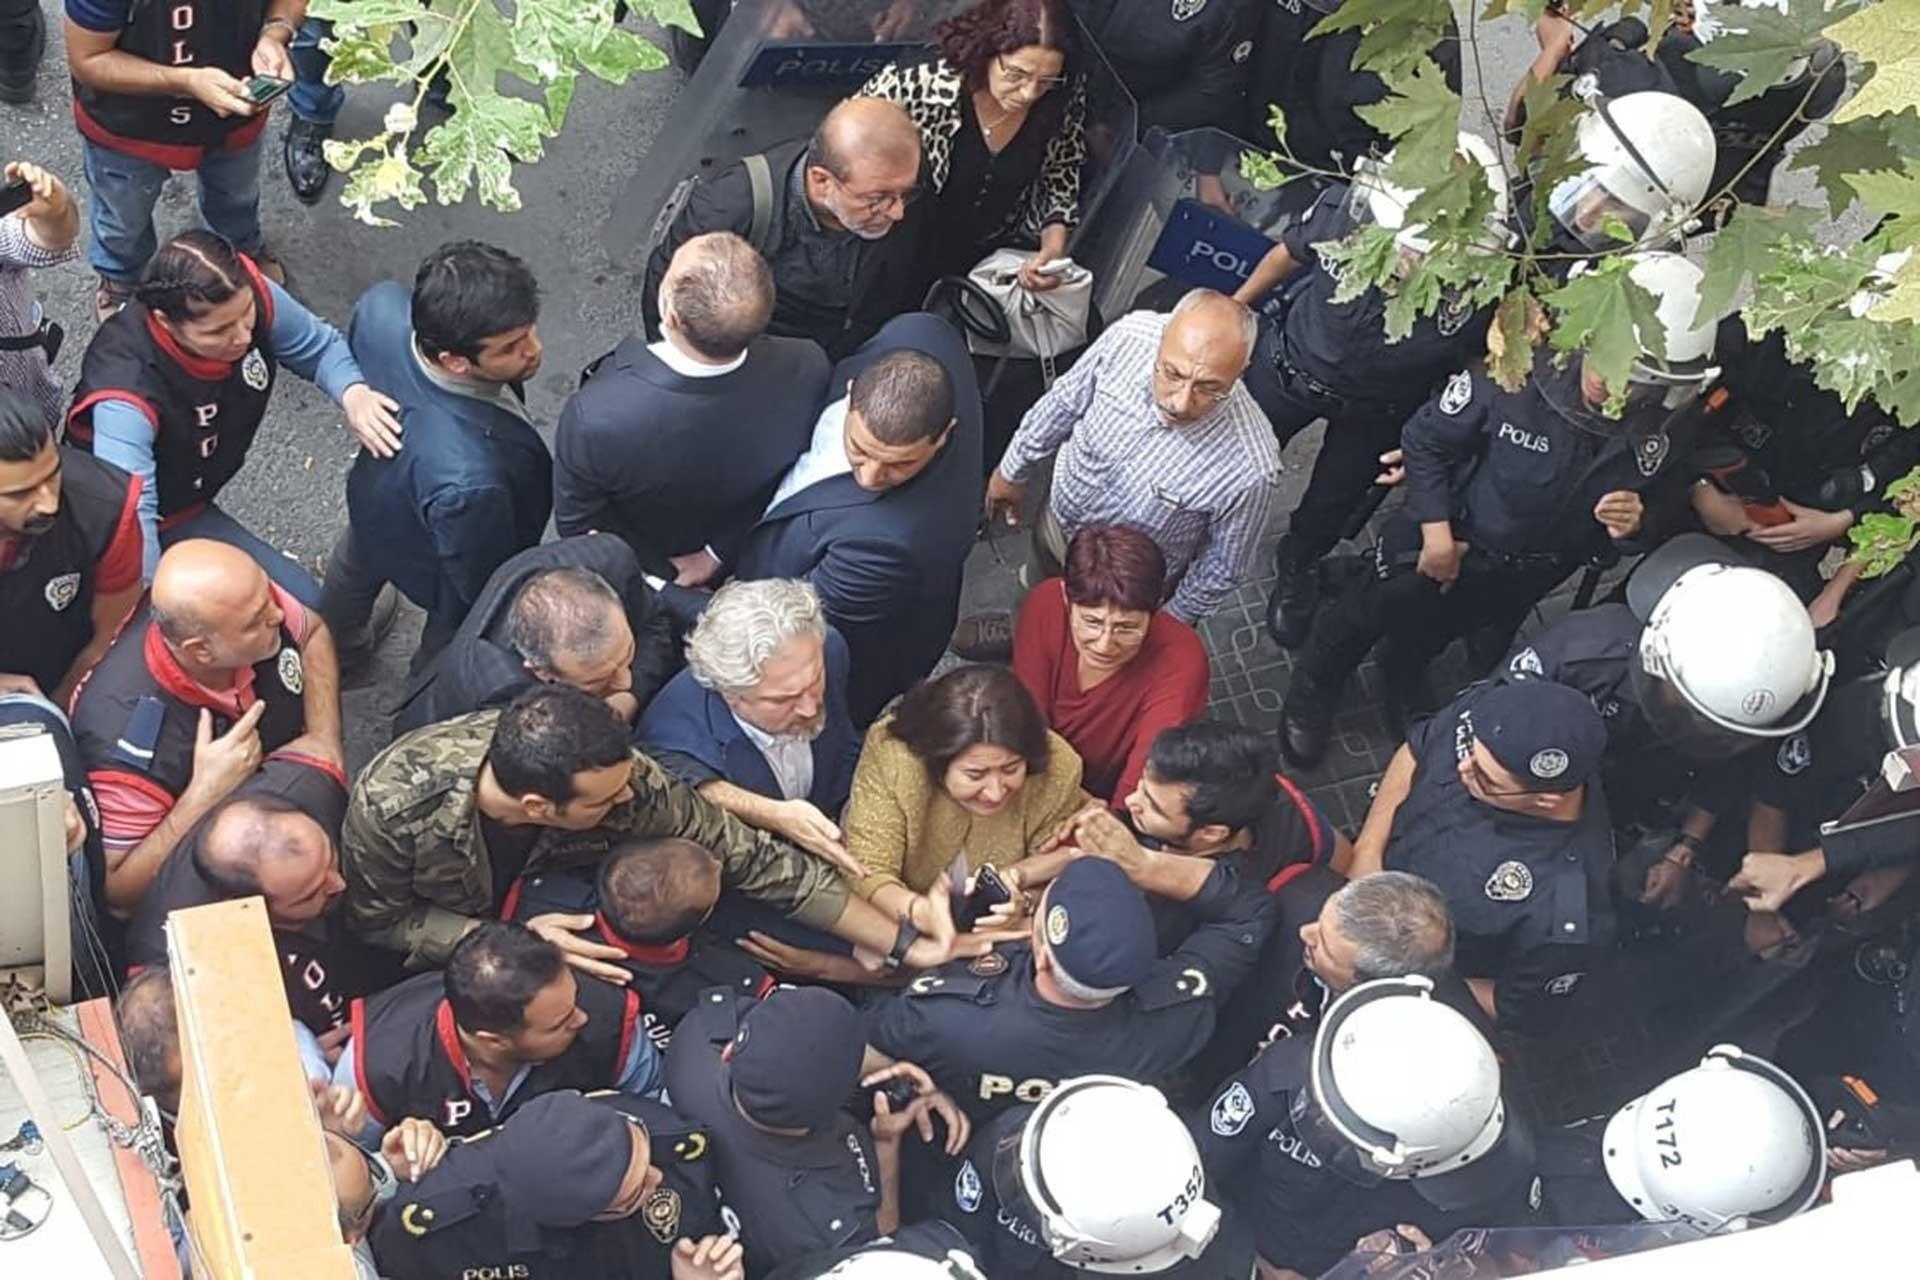 İzmir'de Sezai Temelli'nin katıldığı açıklamaya polis müdahalesi